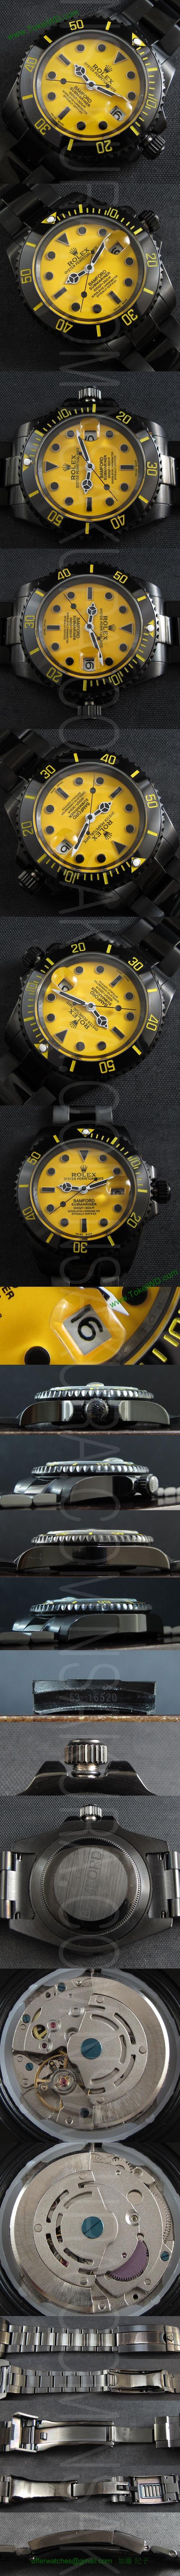 ロレックス 2015JFIO34 コピー 時計